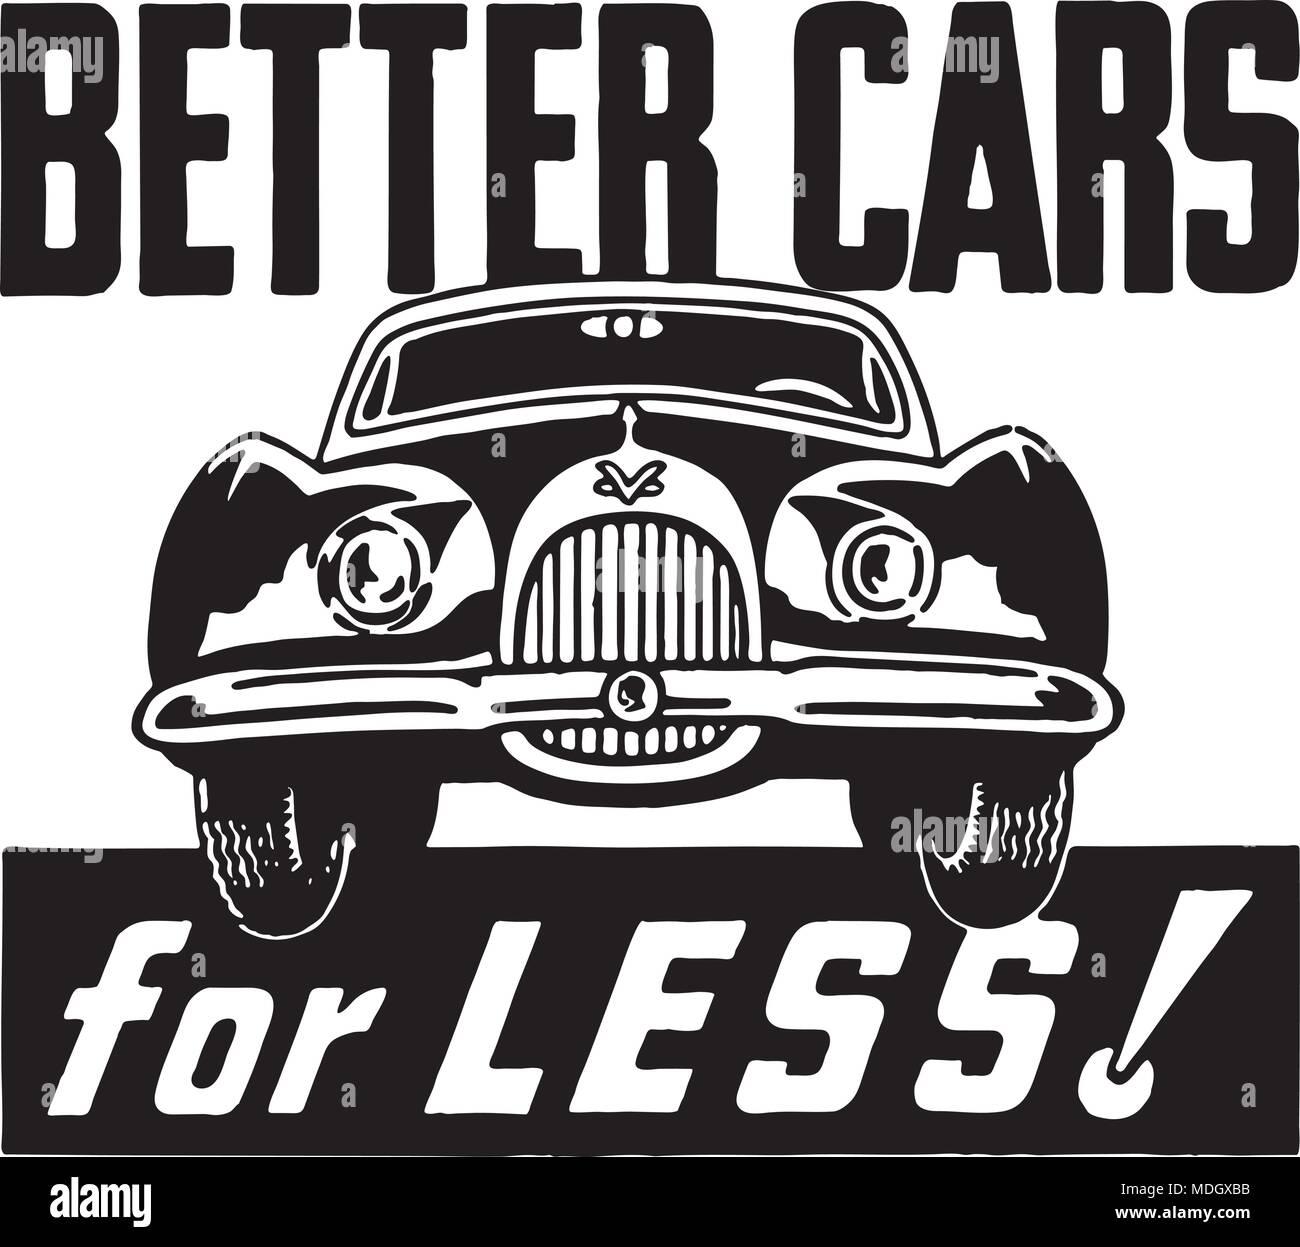 Cars For Less >> Better Cars For Less Retro Ad Art Banner Stock Vector Art